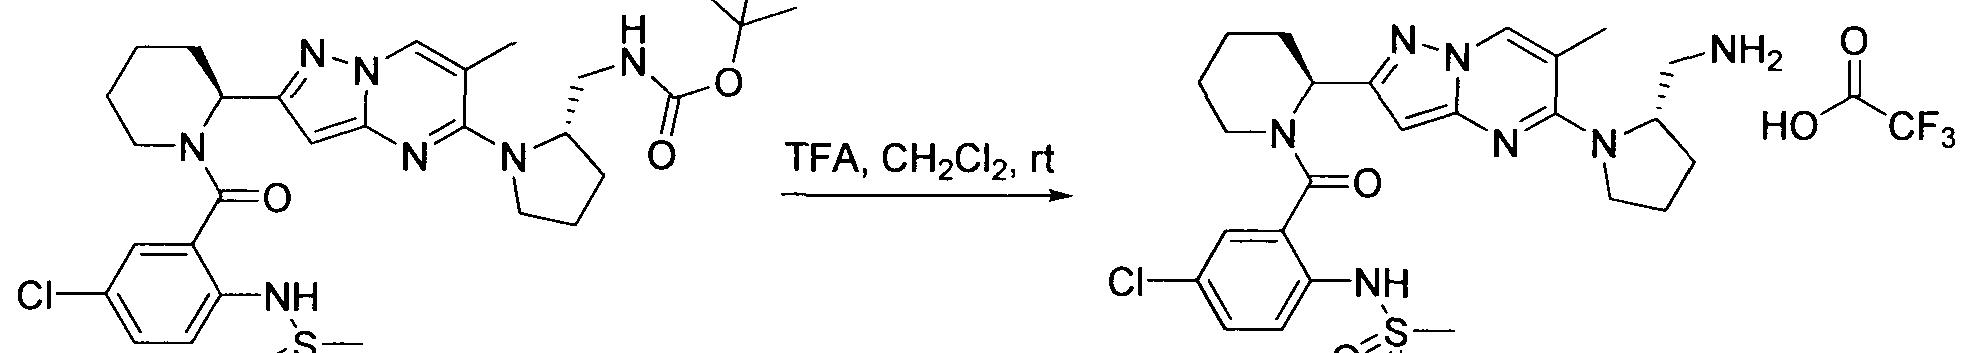 Figure imgf000393_0002